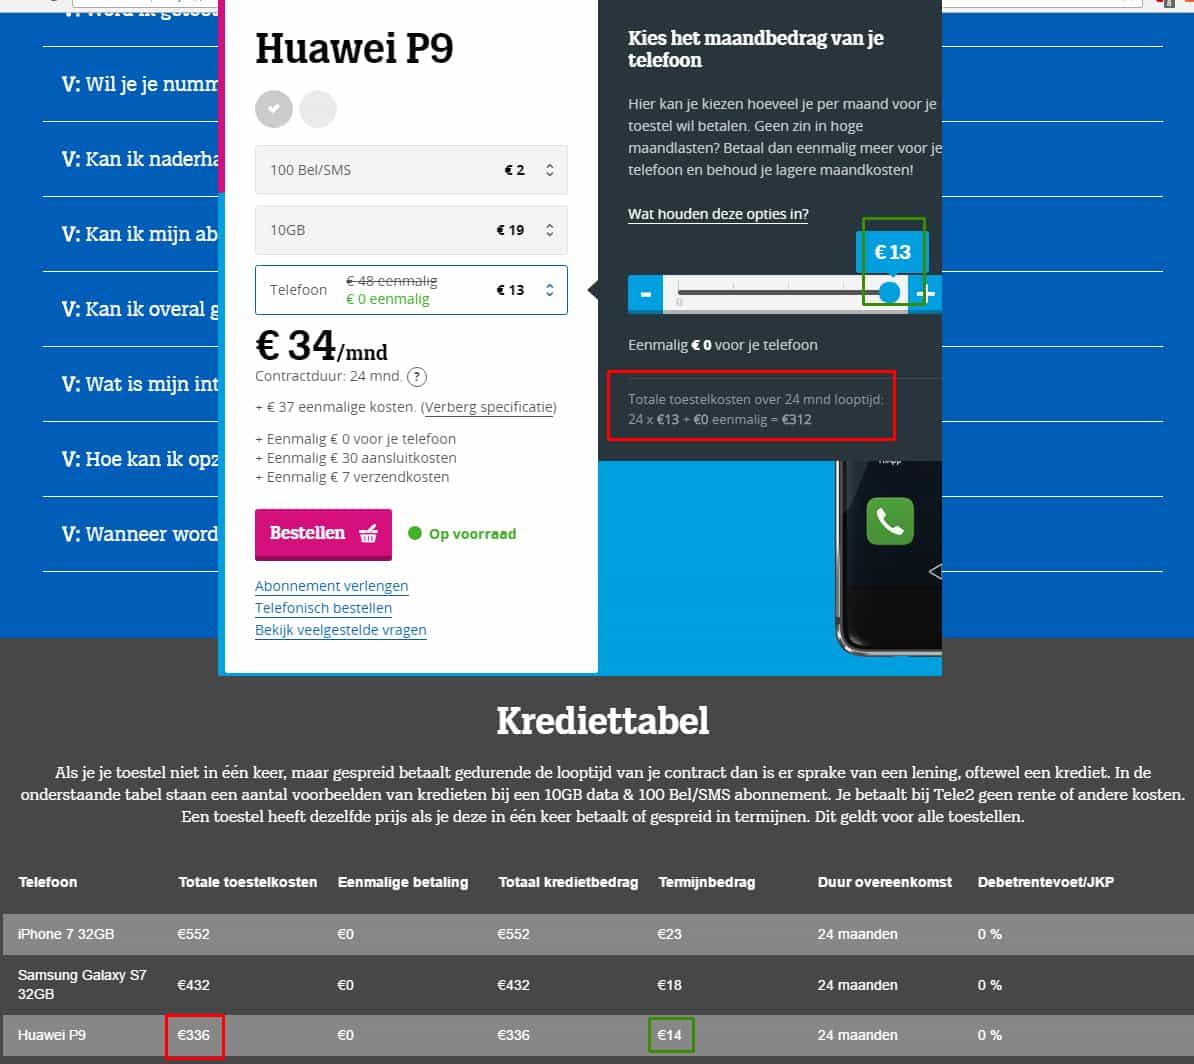 Krediet tabel Tele2 Huawei P9